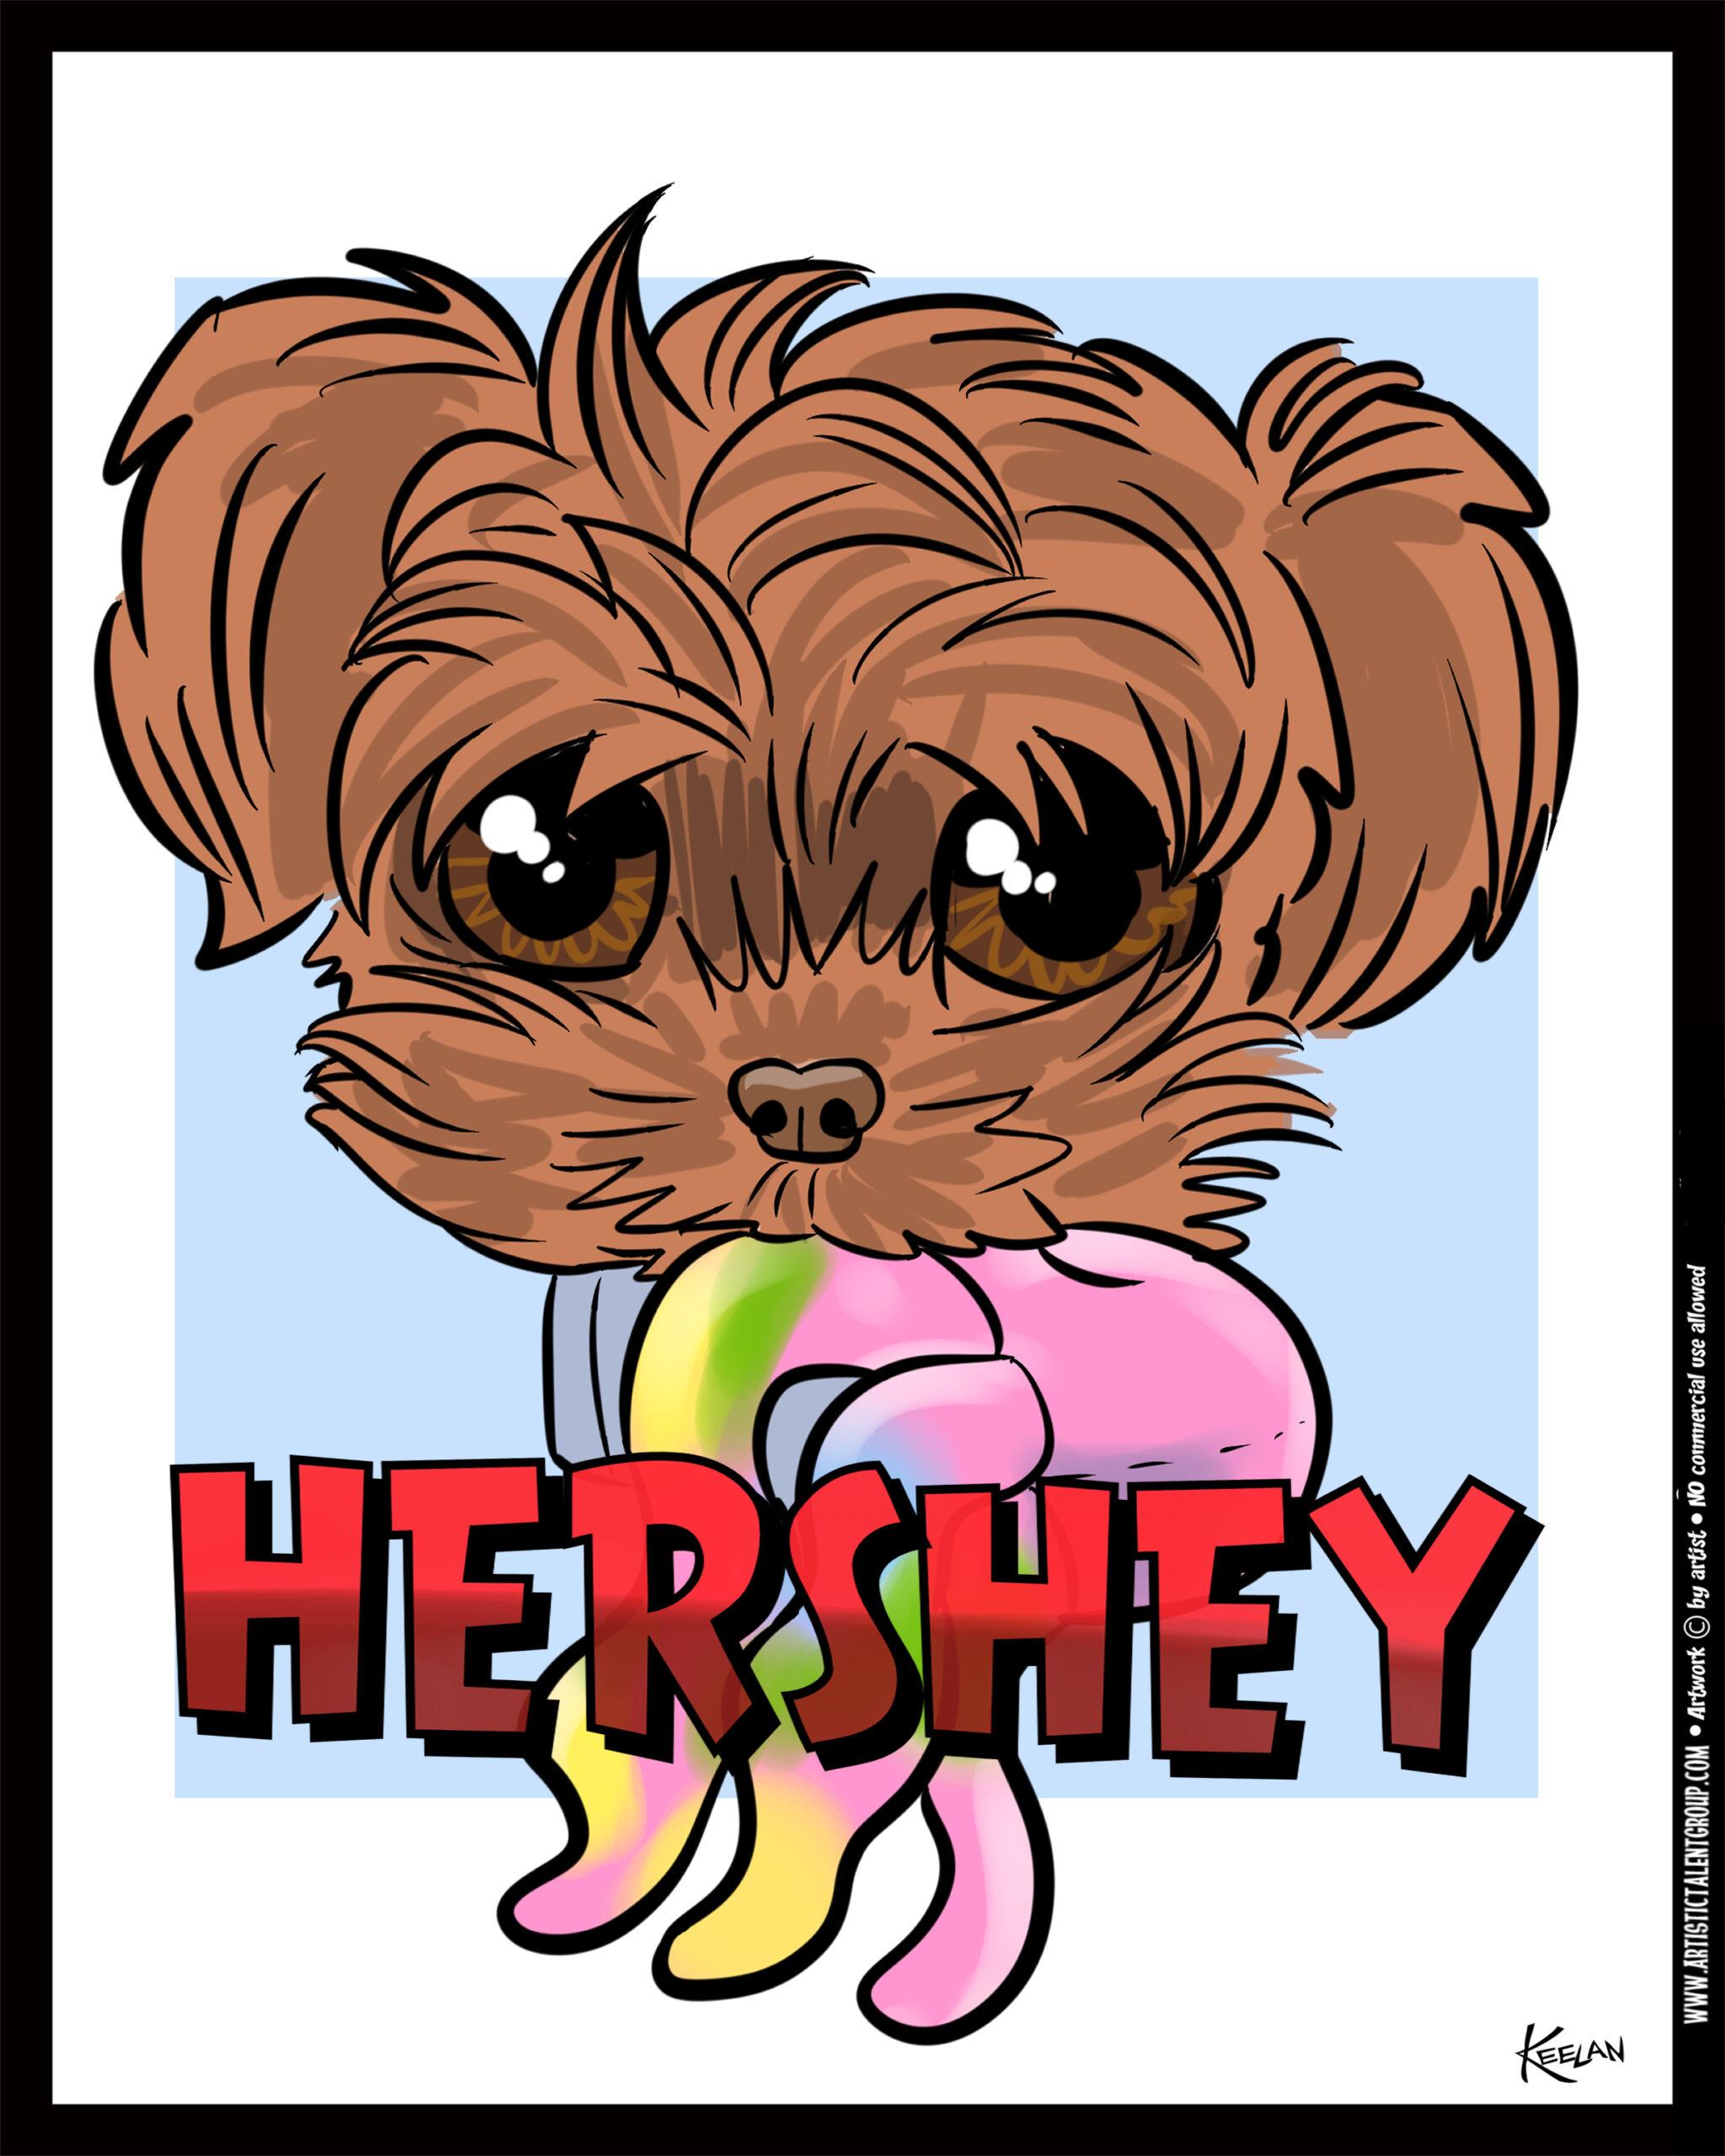 HERSHEY DRAW